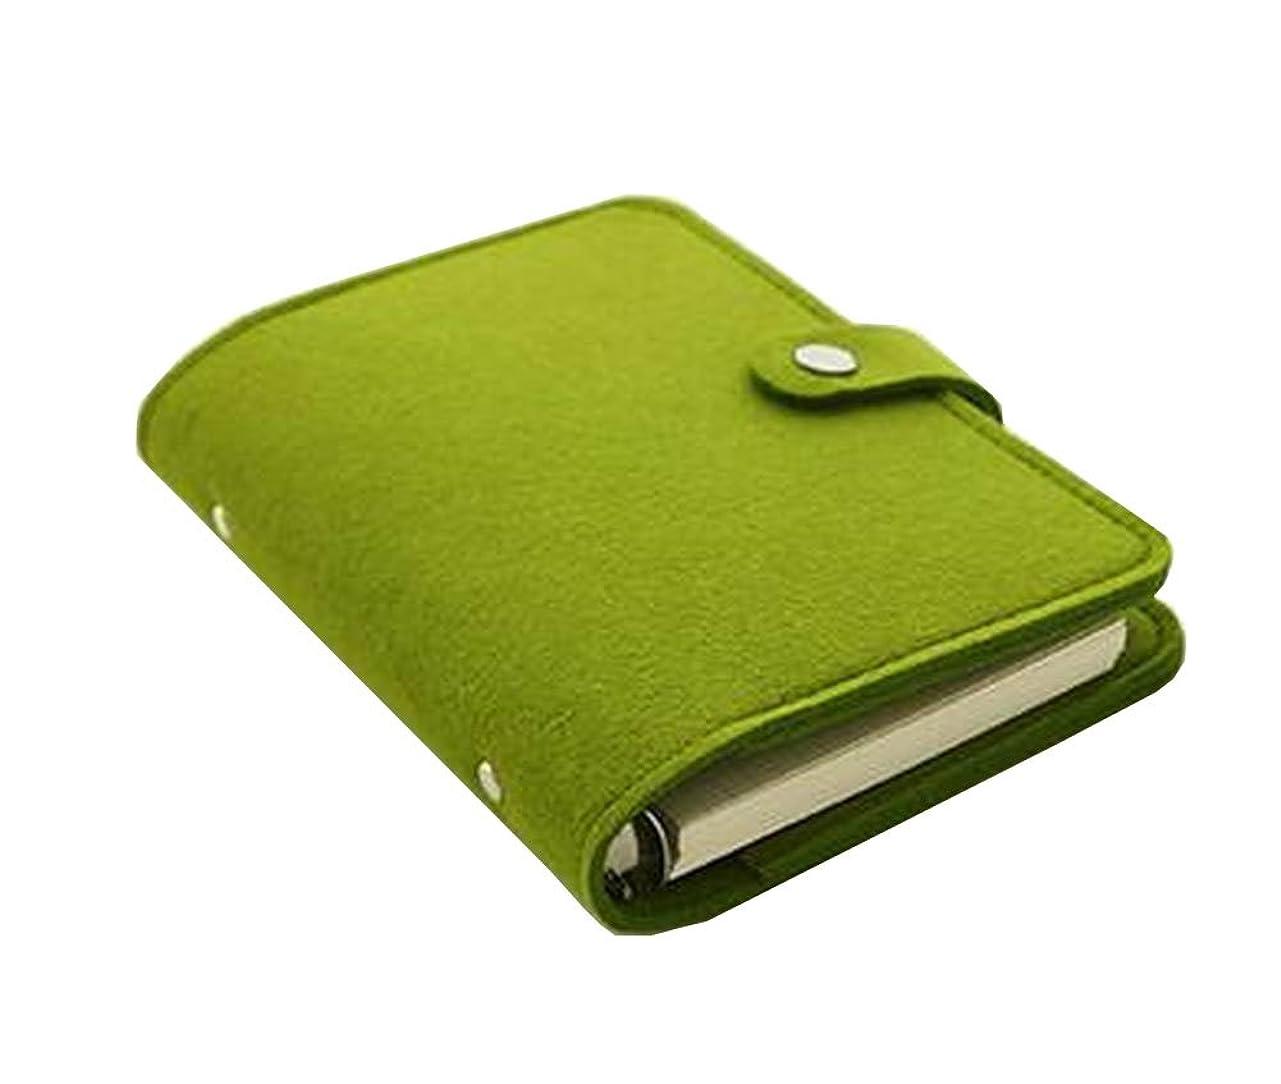 疲労値する契約するフェルトデタッチャブルノートブックポータブルノートクリエイティブノート[緑]